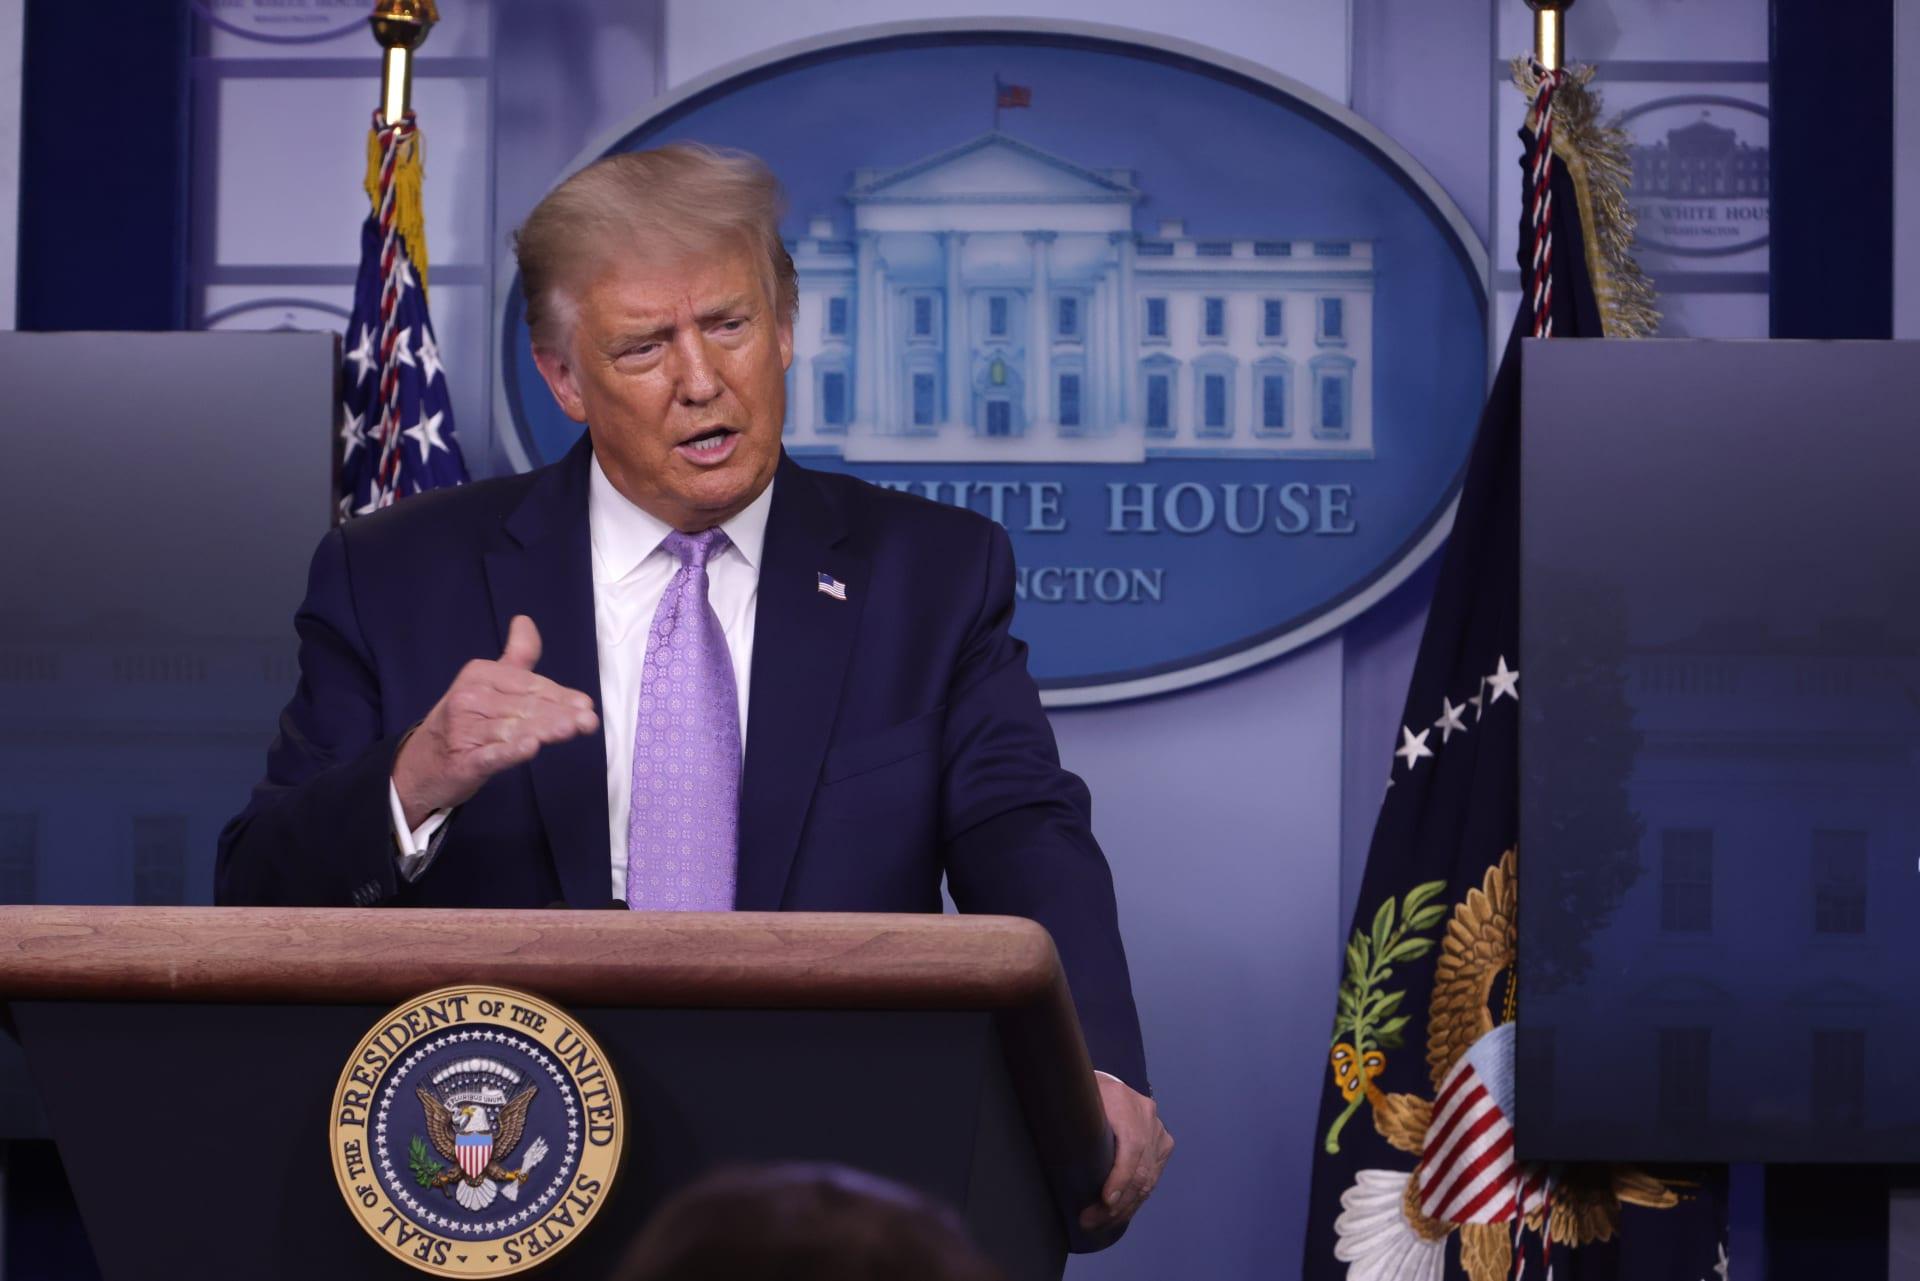 ترامب: سأعقد اتفاقات فورًا مع إيران وكوريا الشمالية إذا فزت في الانتخابات